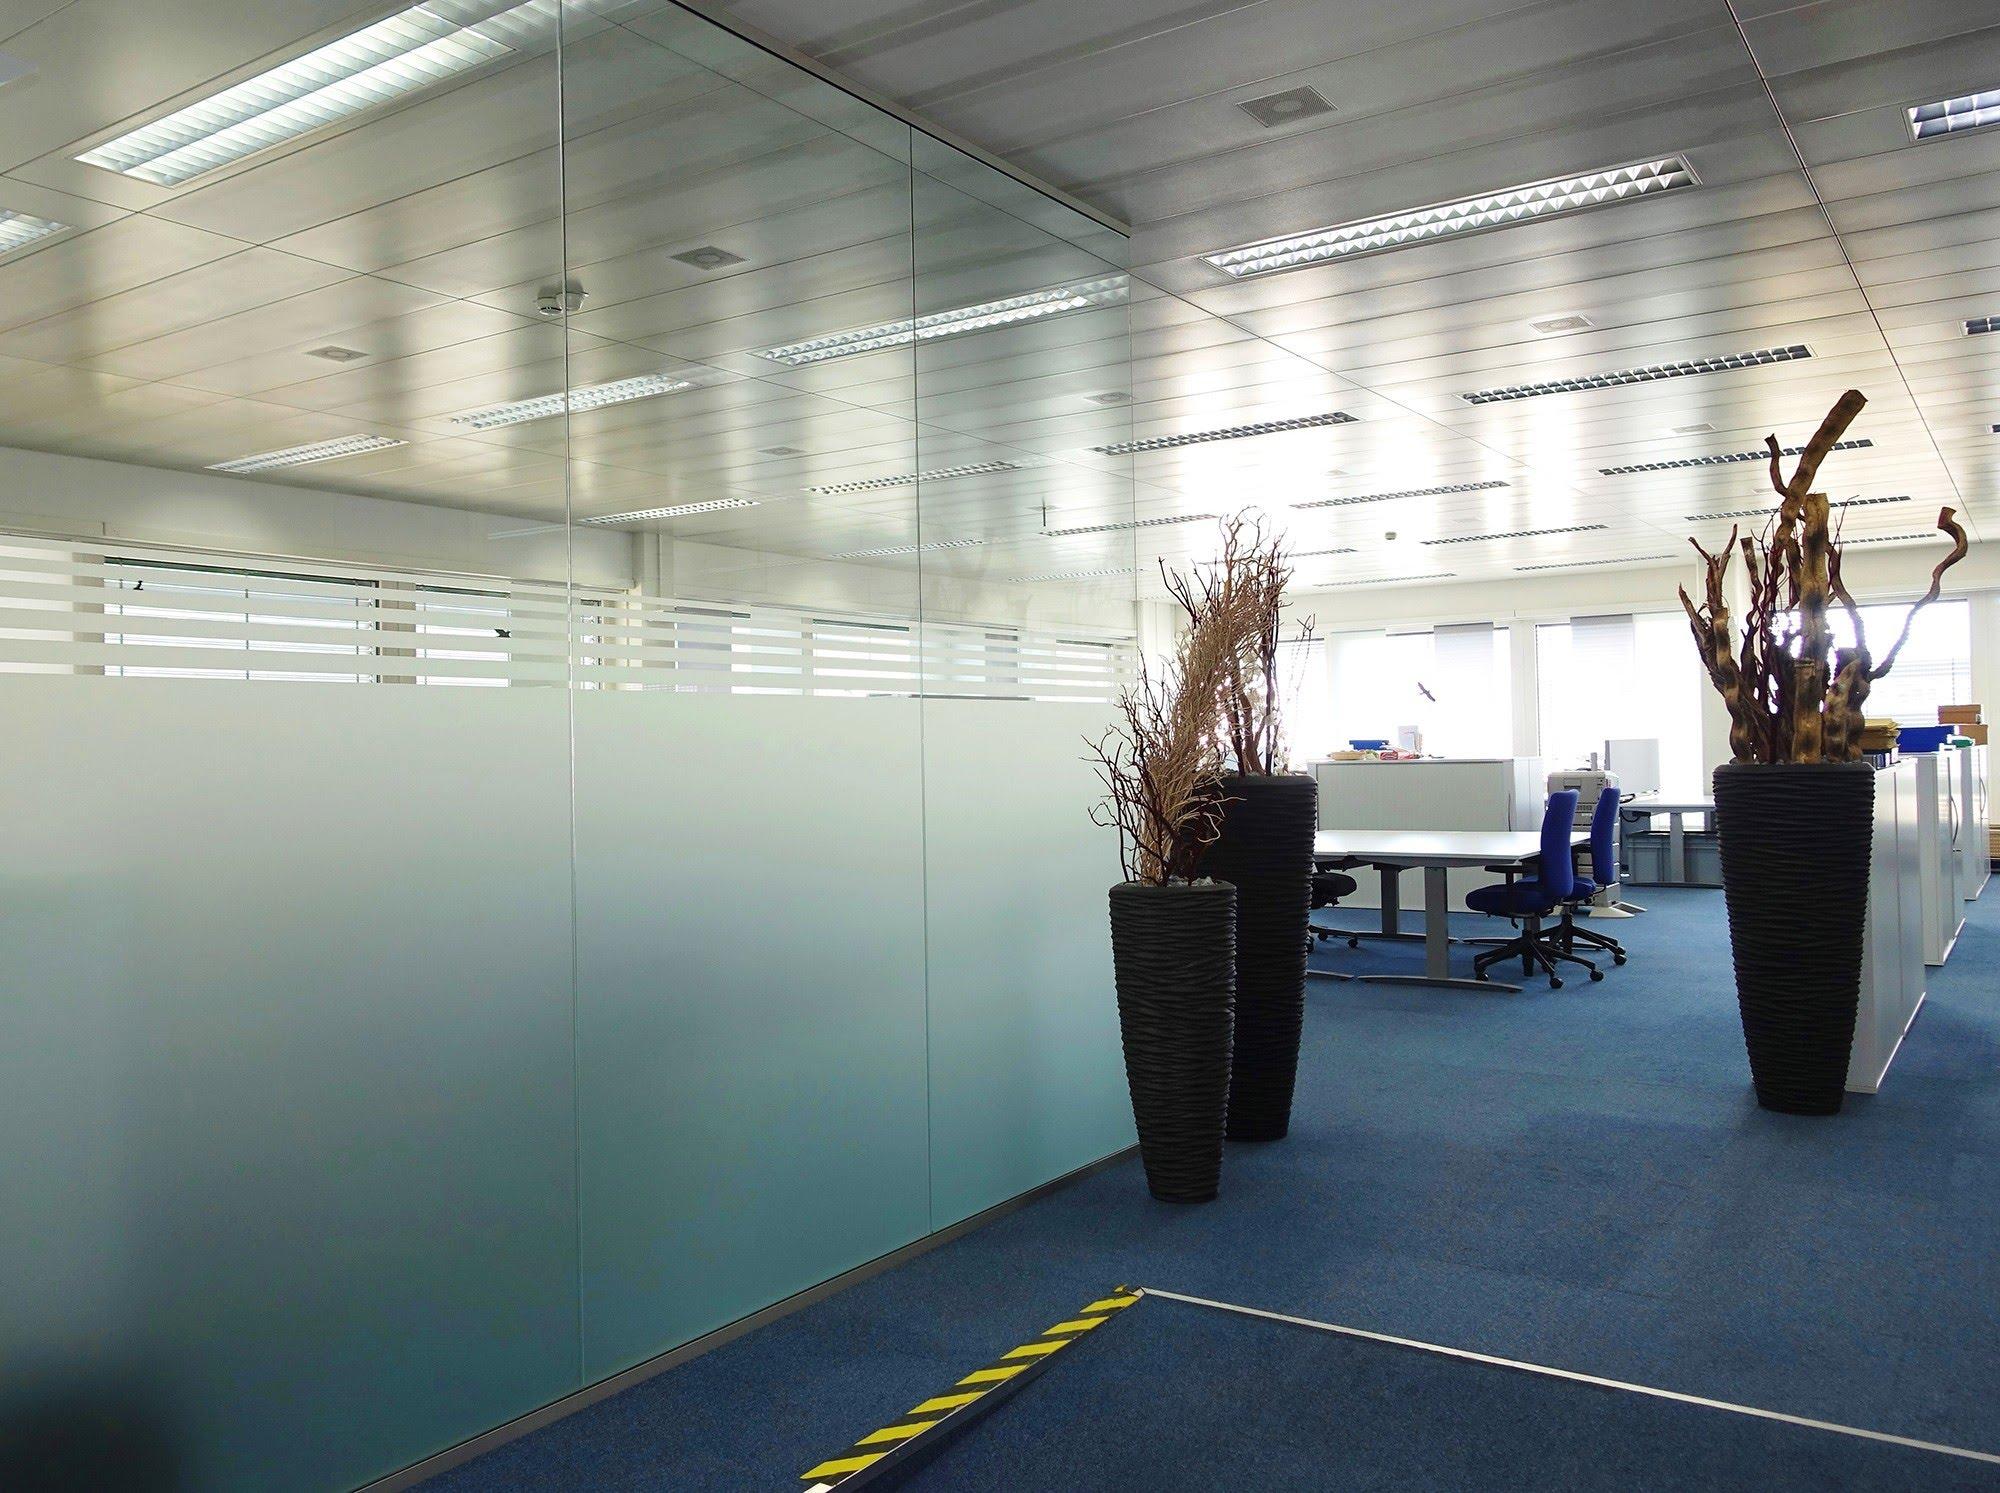 Metalldecken,Novaflex - Bürotrennwand,NovaOne - Ganzglaswände,Migros Dierikon,Deckensystem-Wandsysteme,Trennwände Büro,Ganzglaswände,Bürotrennwand,Akustikdecken,Schallschutzdecken,Trennwände,Glaswände,Faltwände,Raumgestaltung,Trennwand Systeme